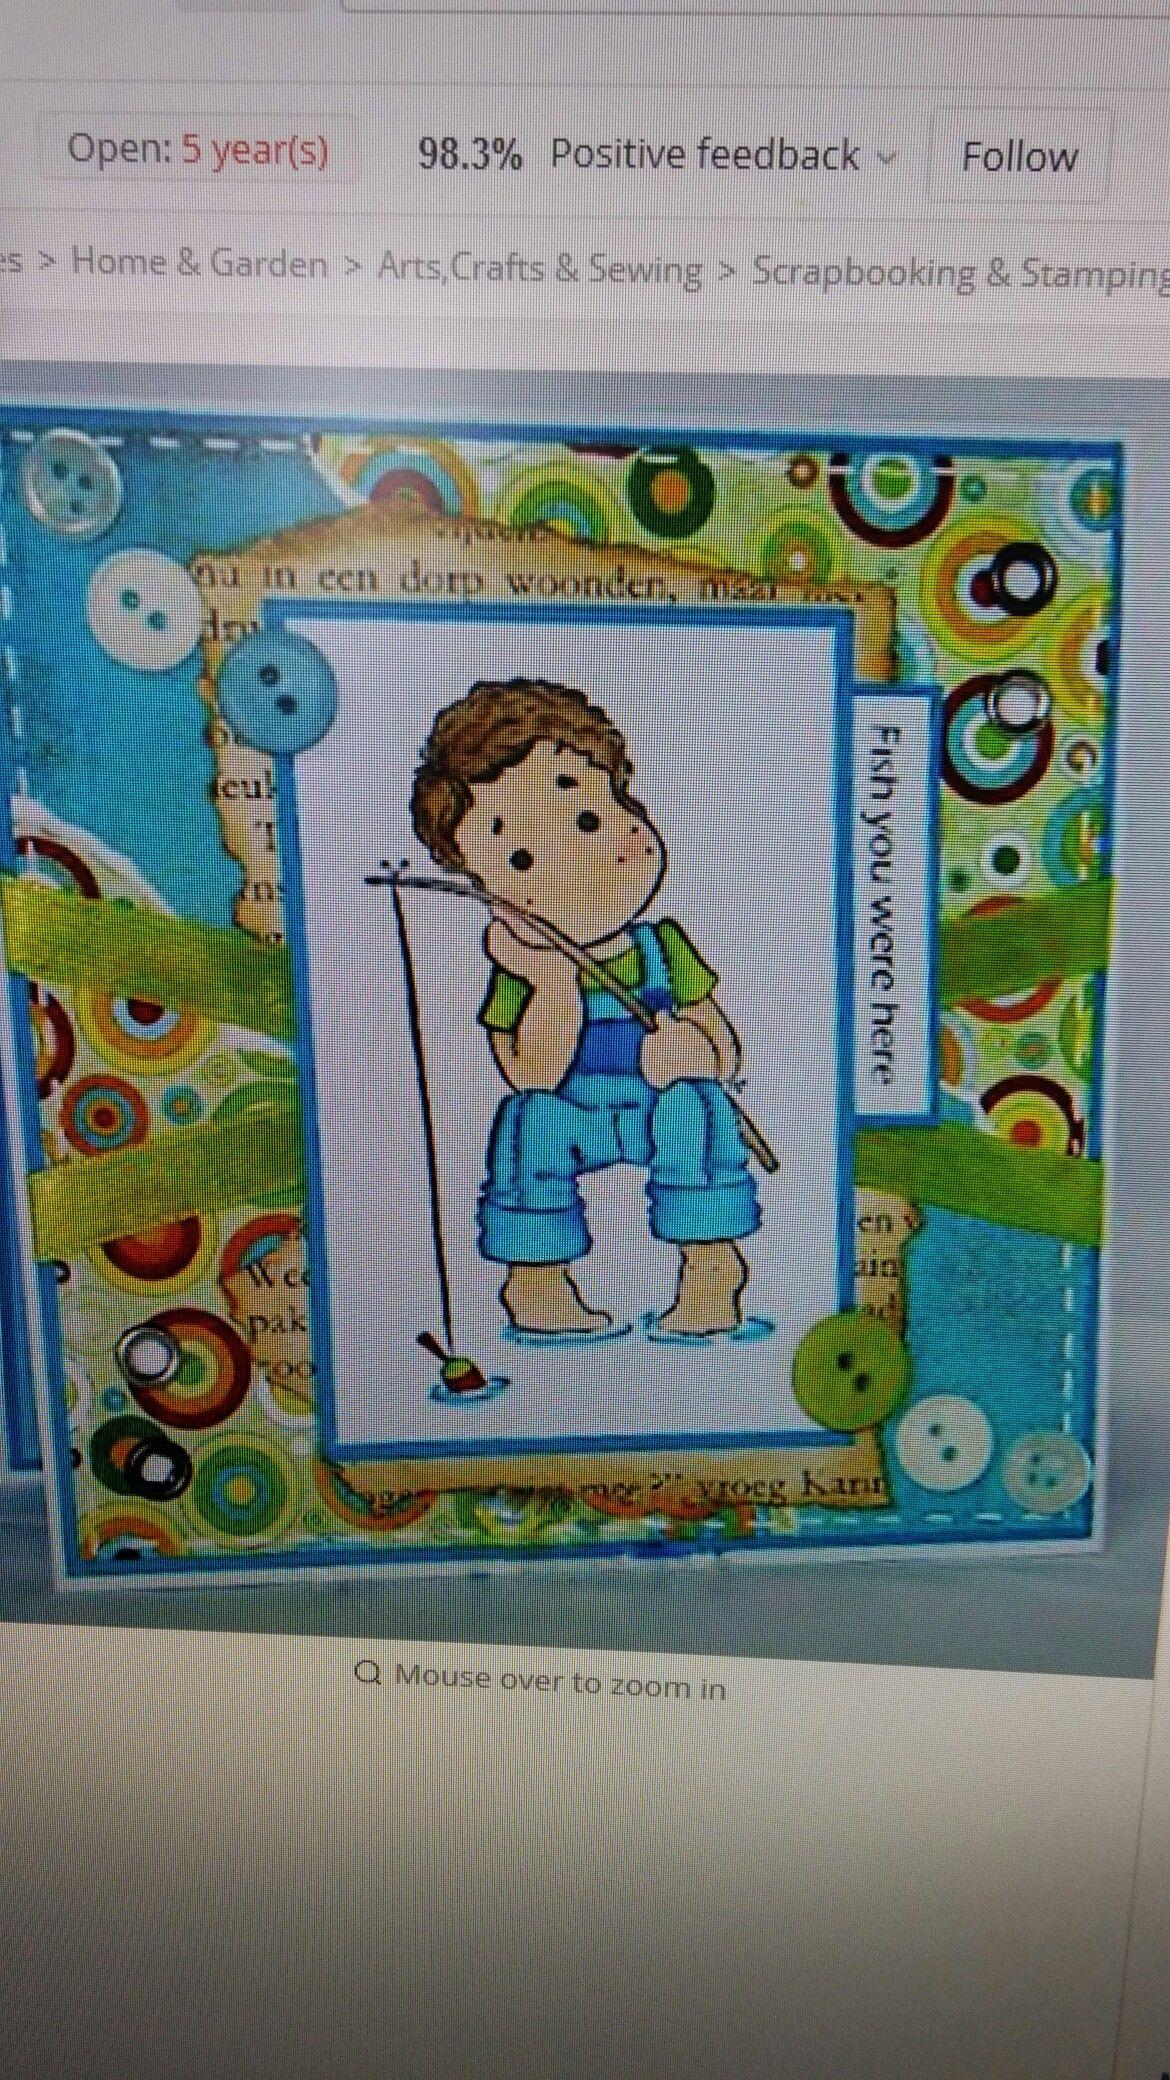 Park Art|My WordPress Blog_3 Little Figs Gift Card